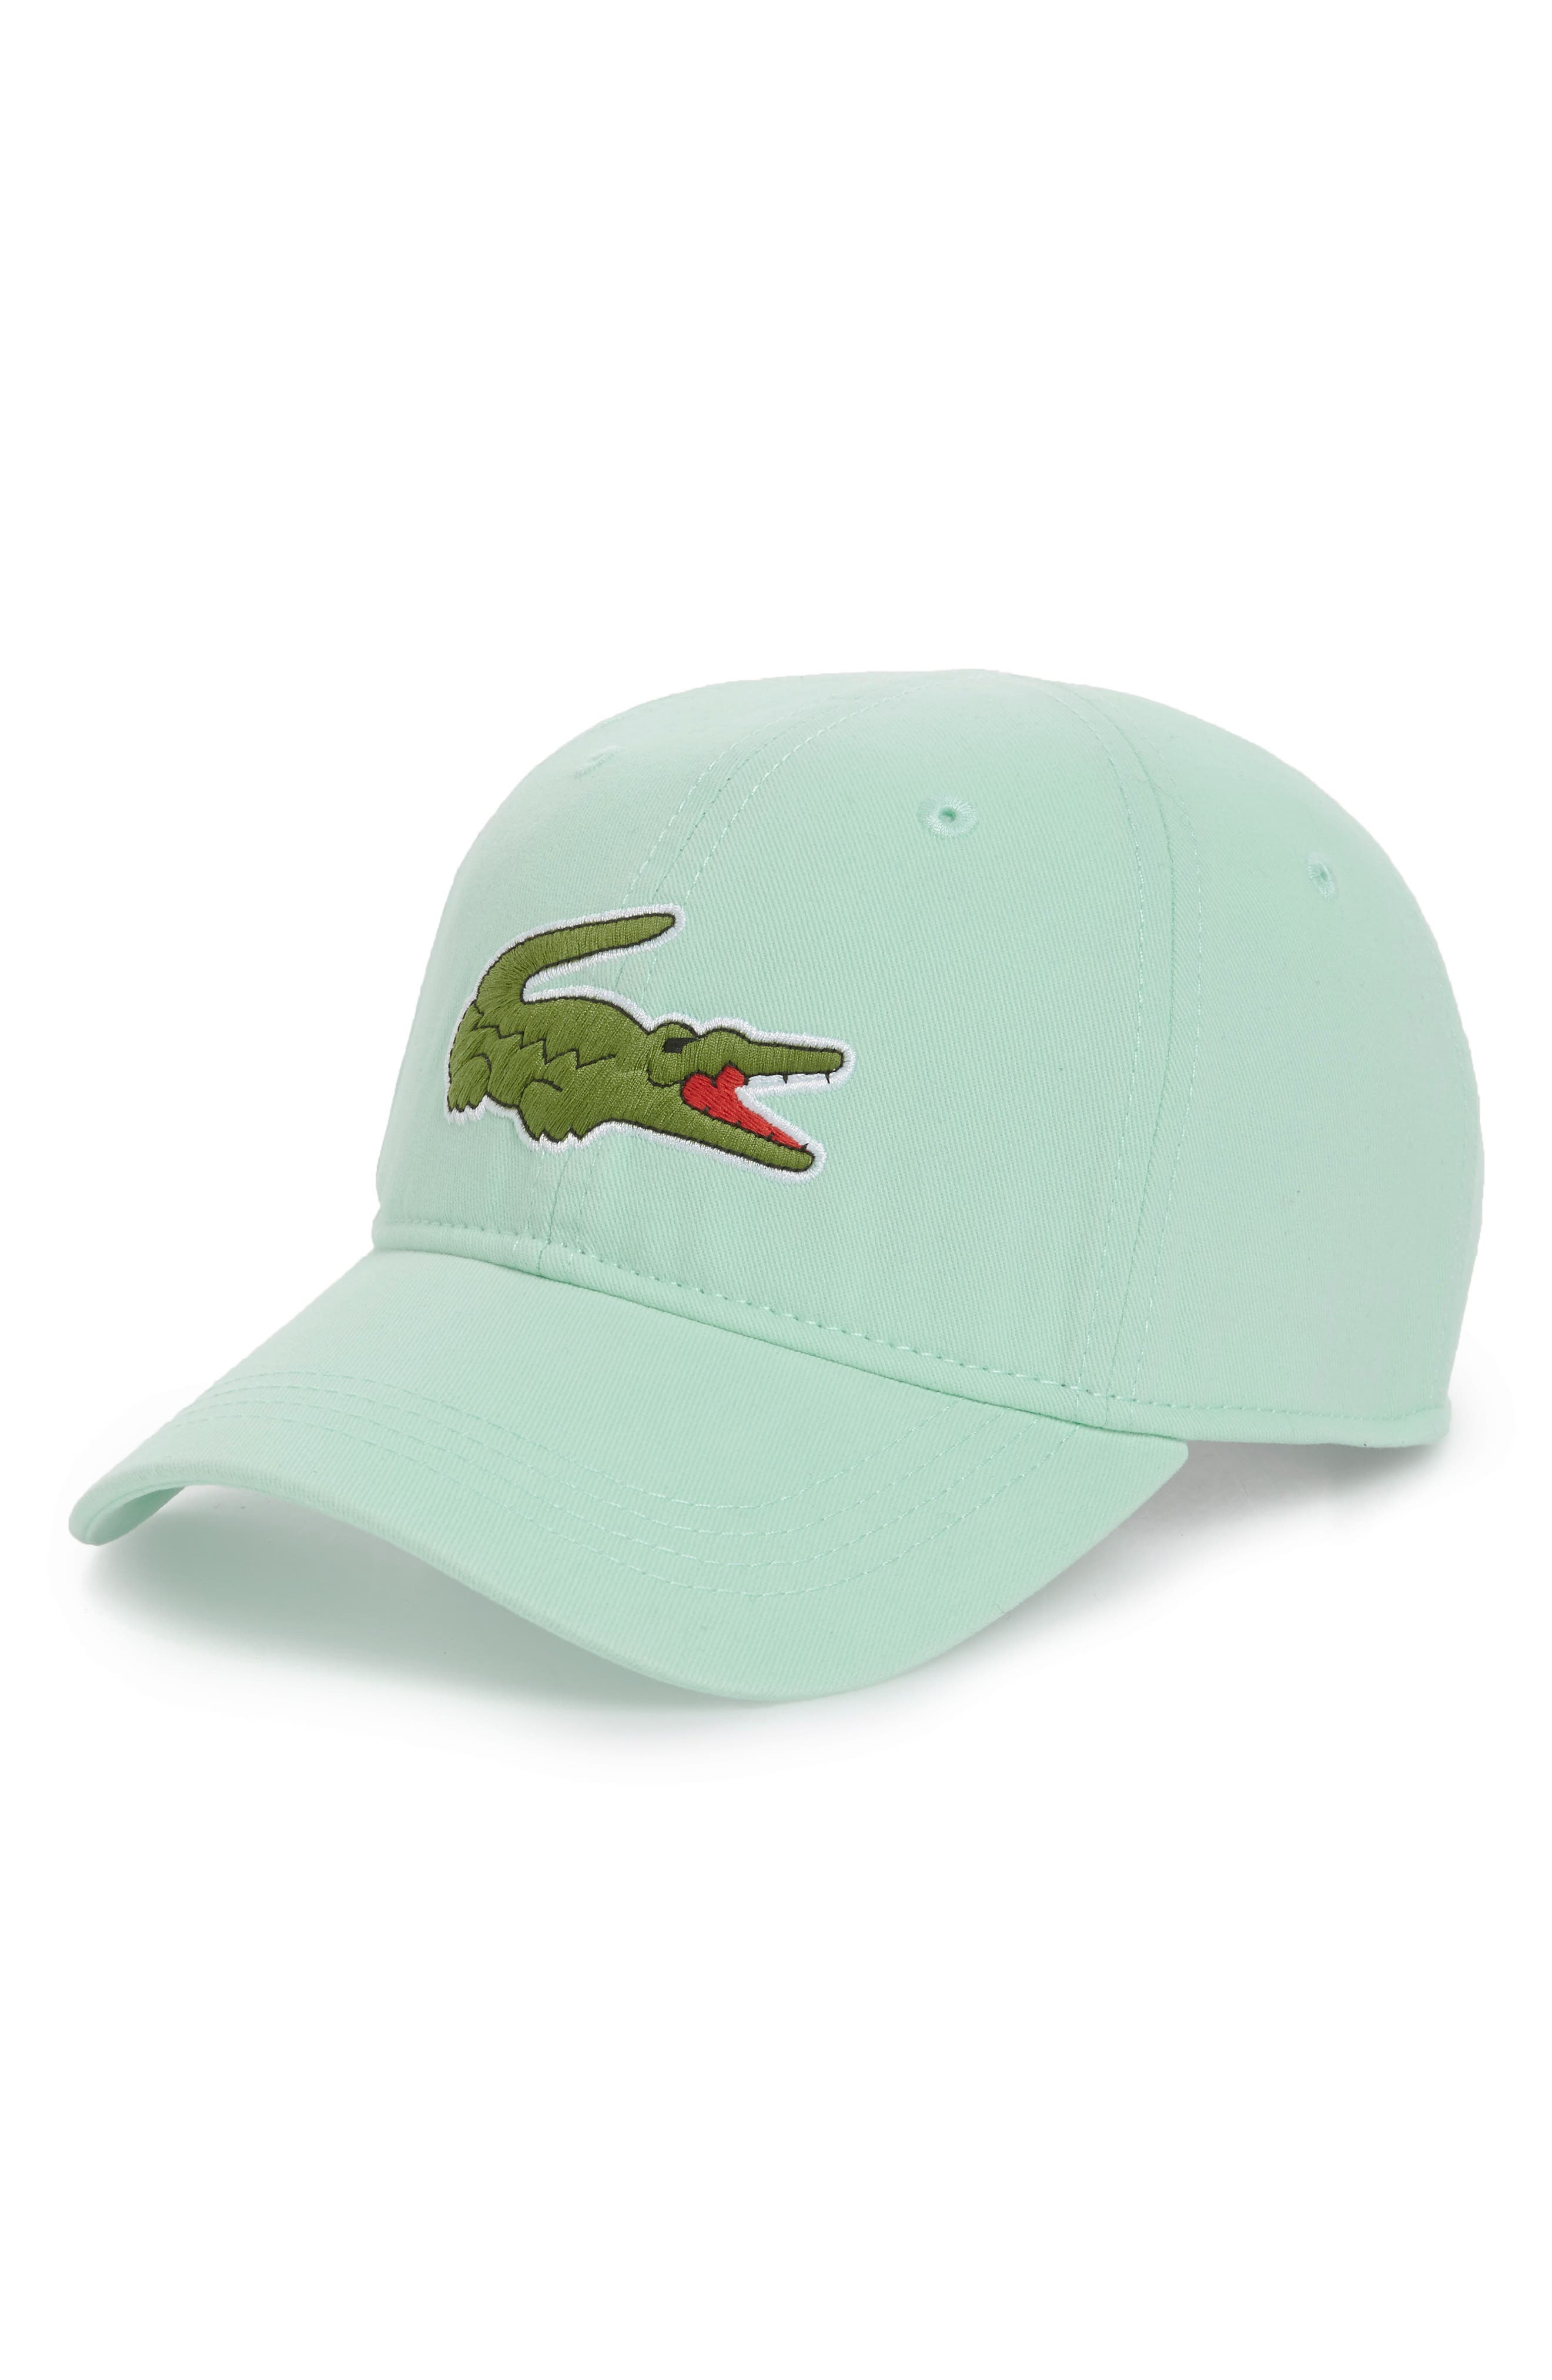 'Big Croc' Logo Embroidered Cap,                             Main thumbnail 1, color,                             ASPERA